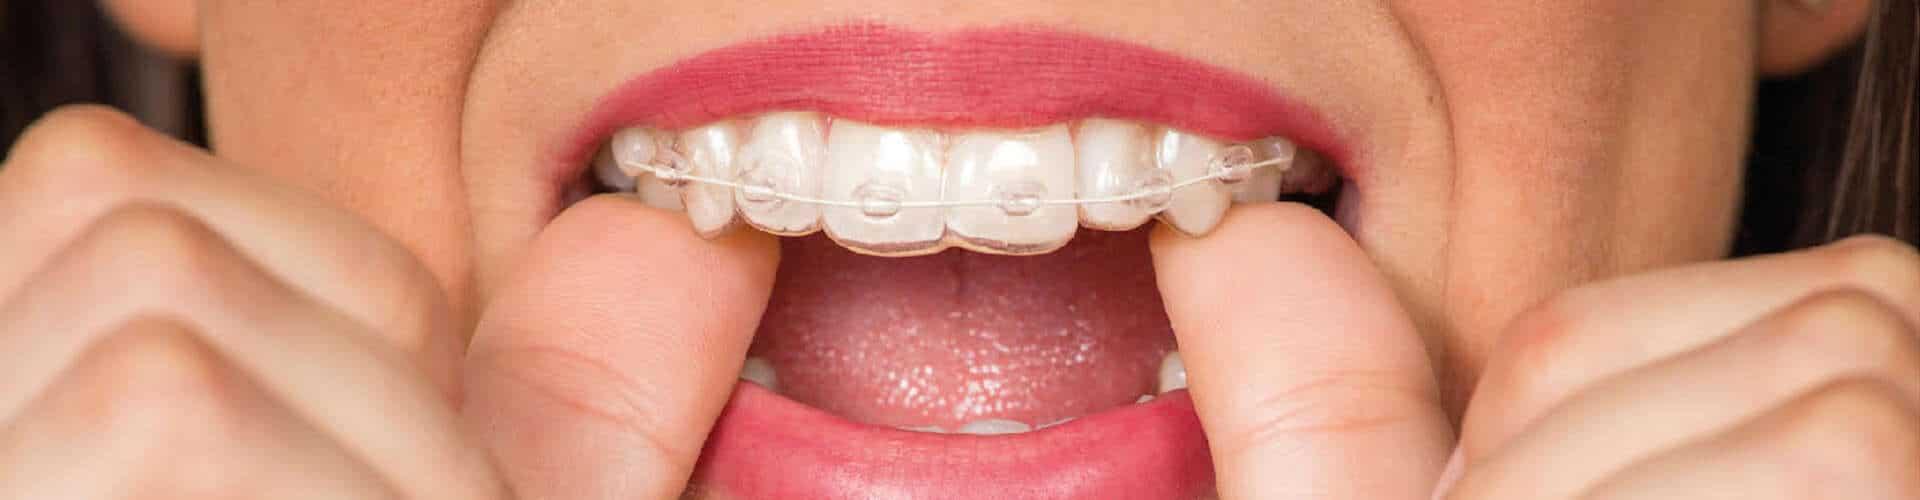 aparelho dentario, ortodontia, tratamento de ortodontia, aparelho fixo, aparelho removível